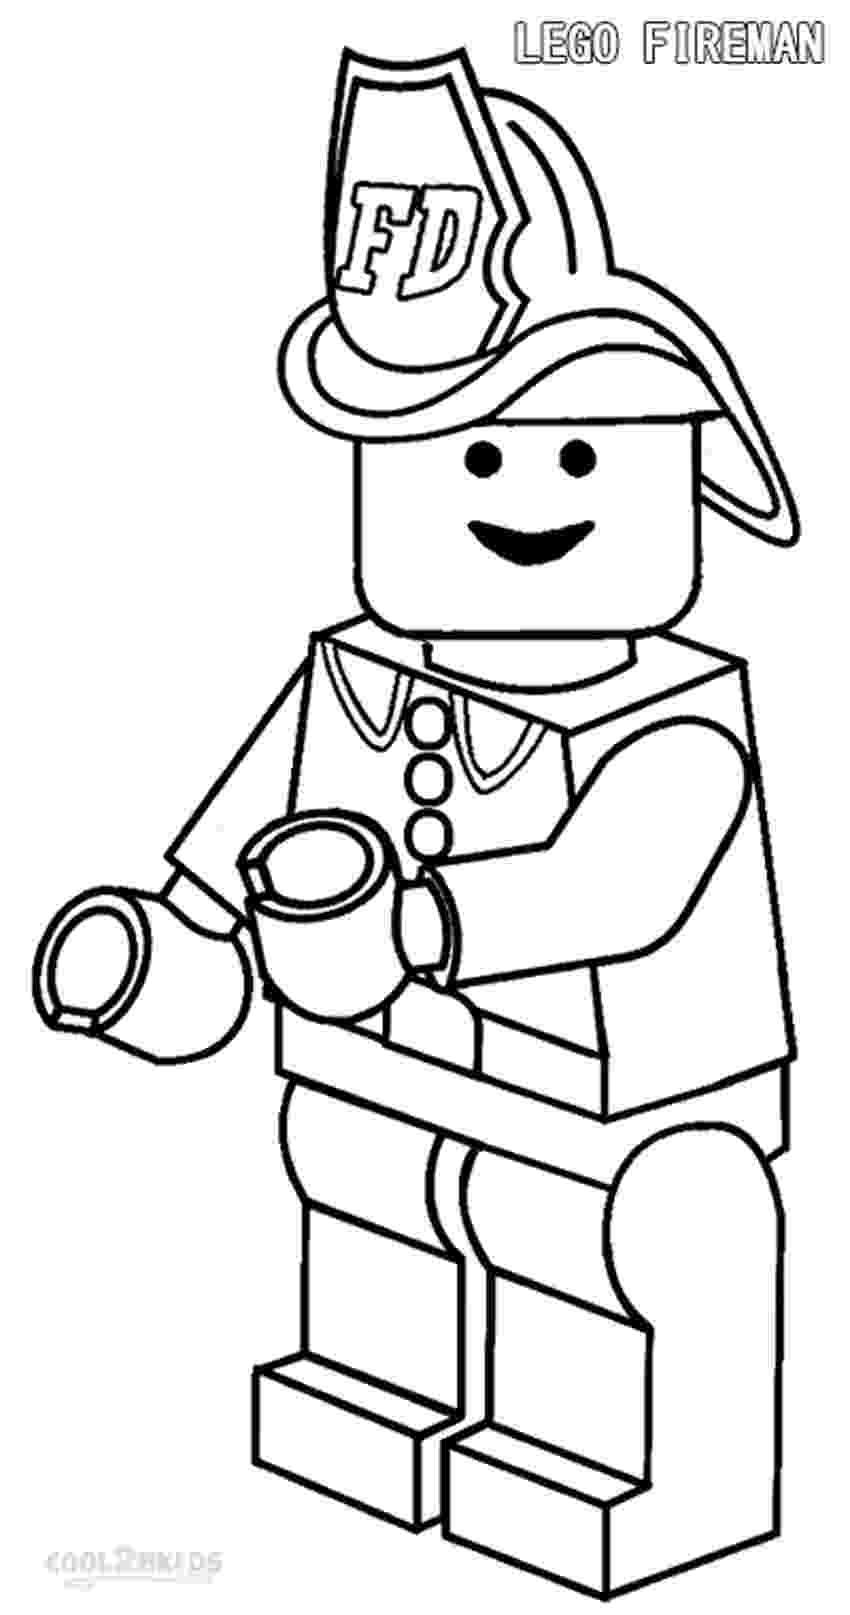 fireman coloring page free printable fireman coloring pages cool2bkids fireman page coloring